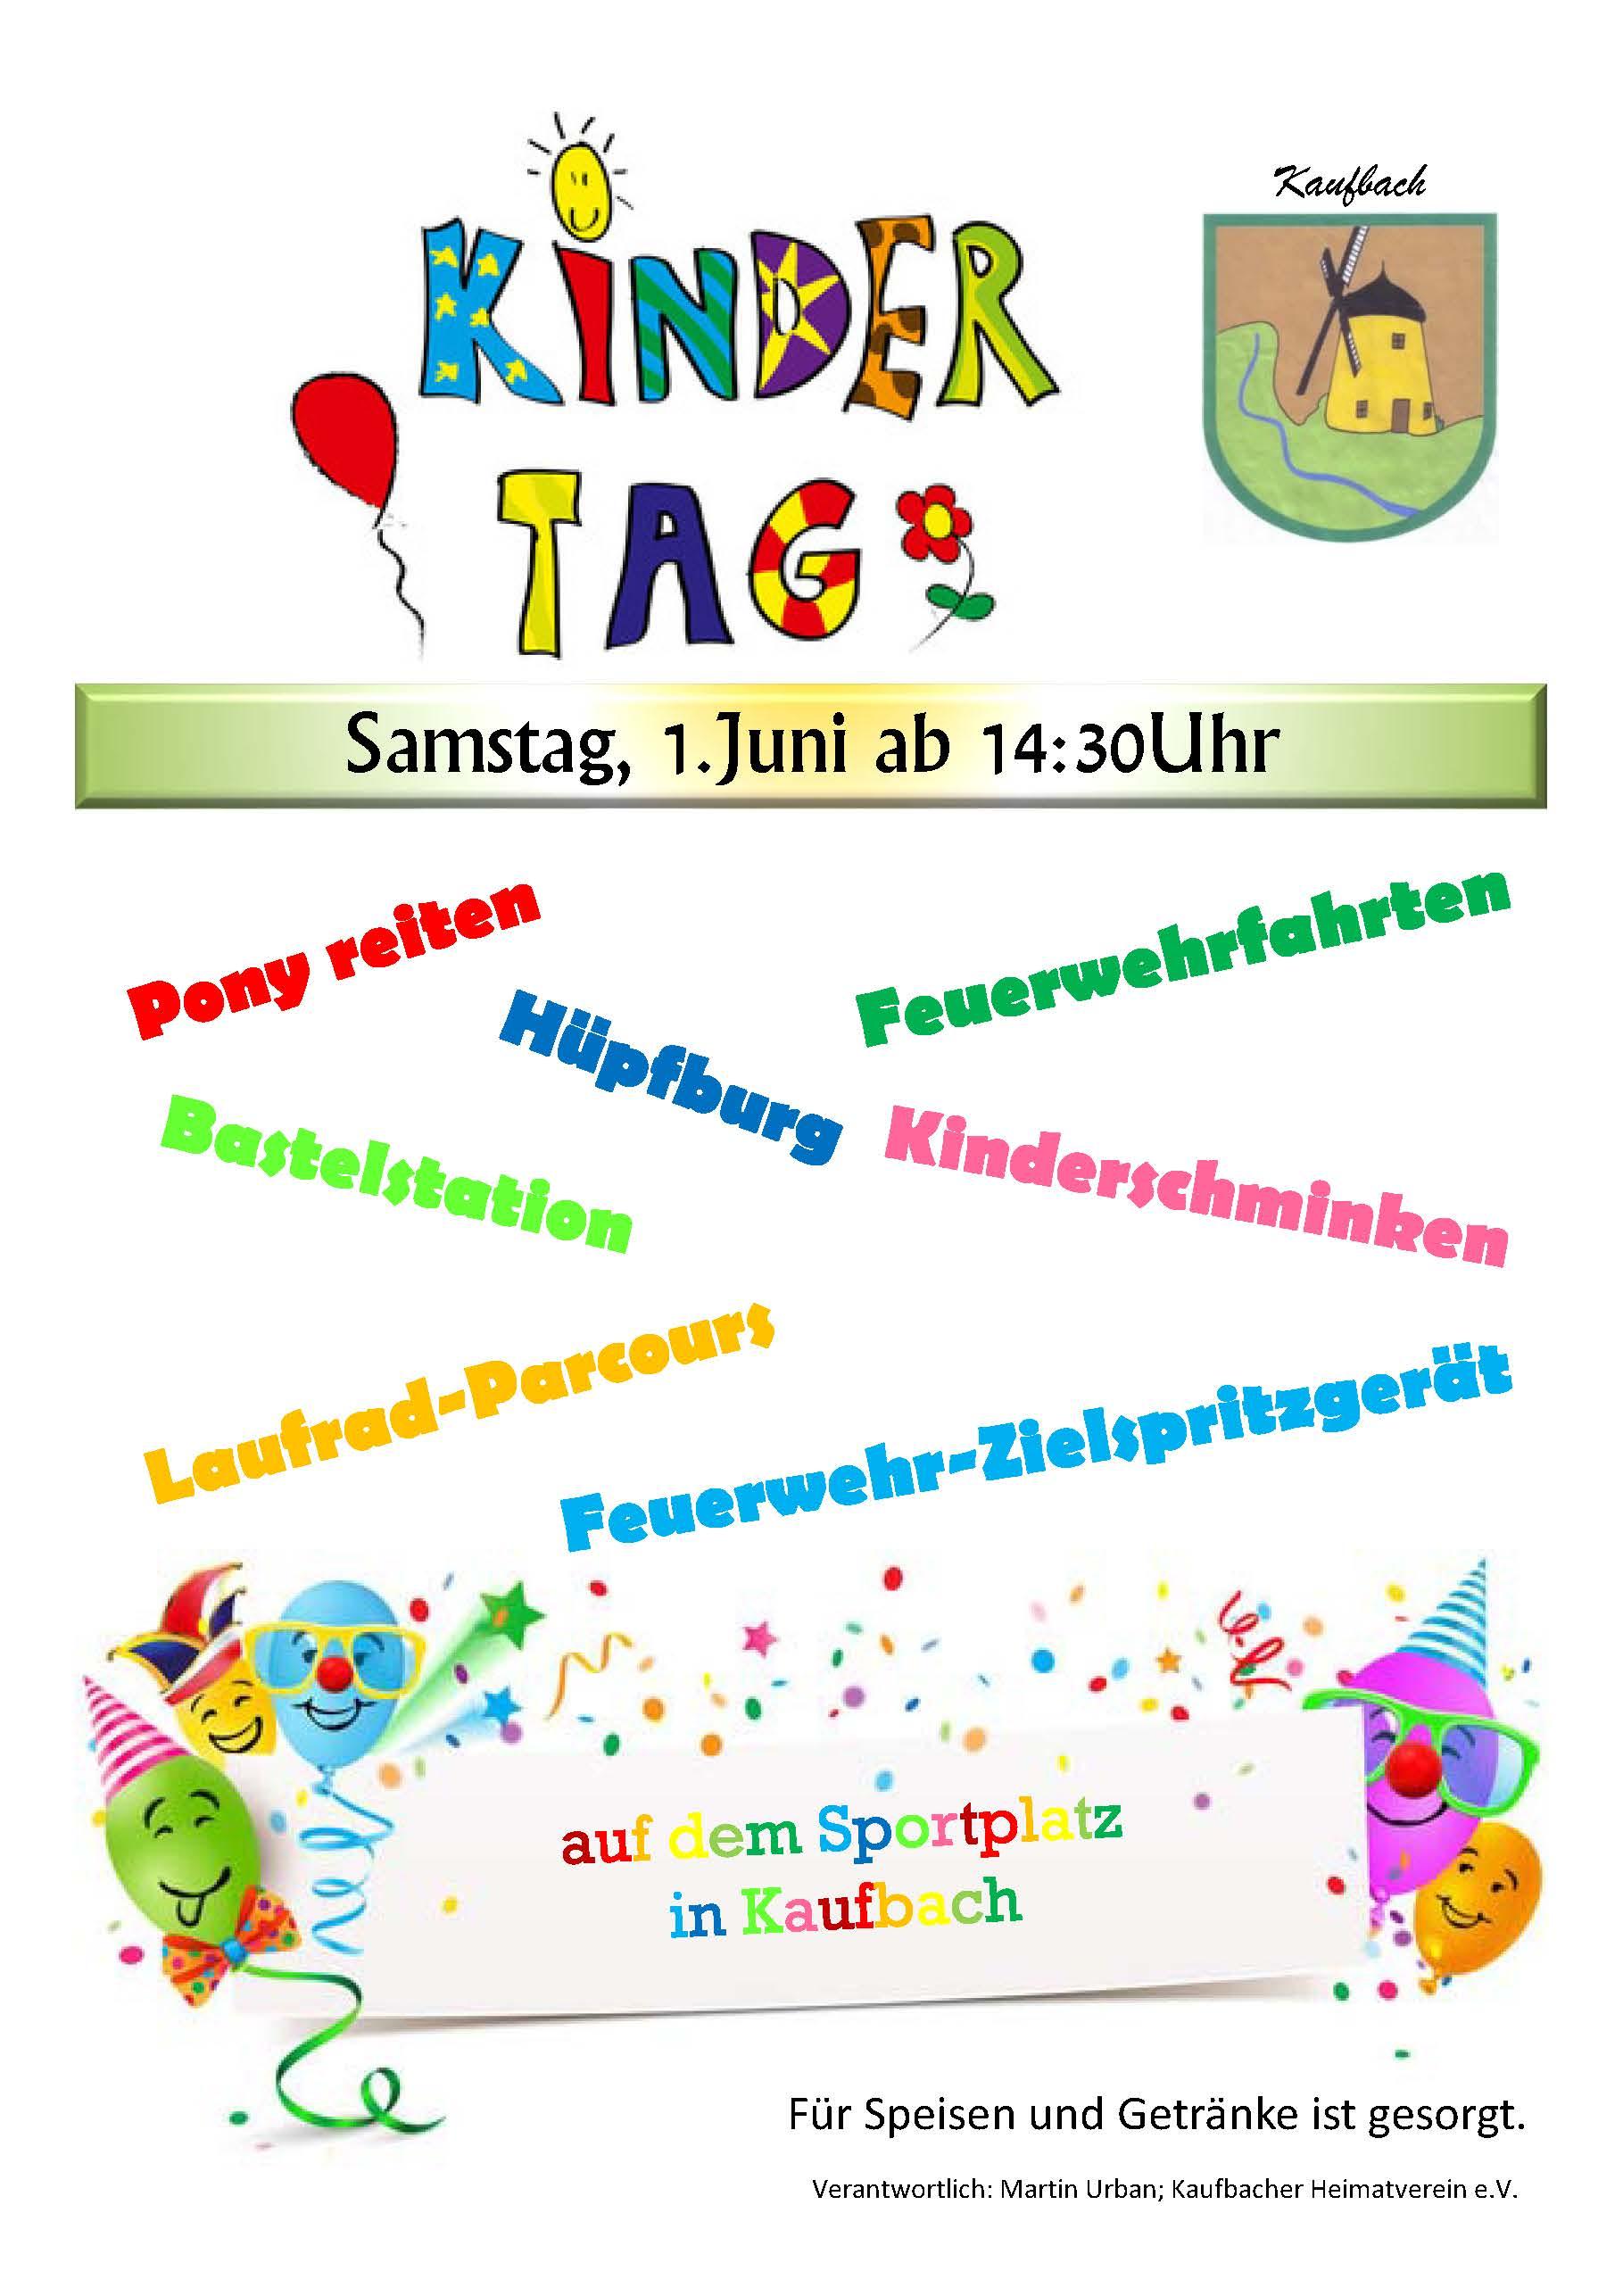 2019-06-01_Kindertag Kaufbach.jpg